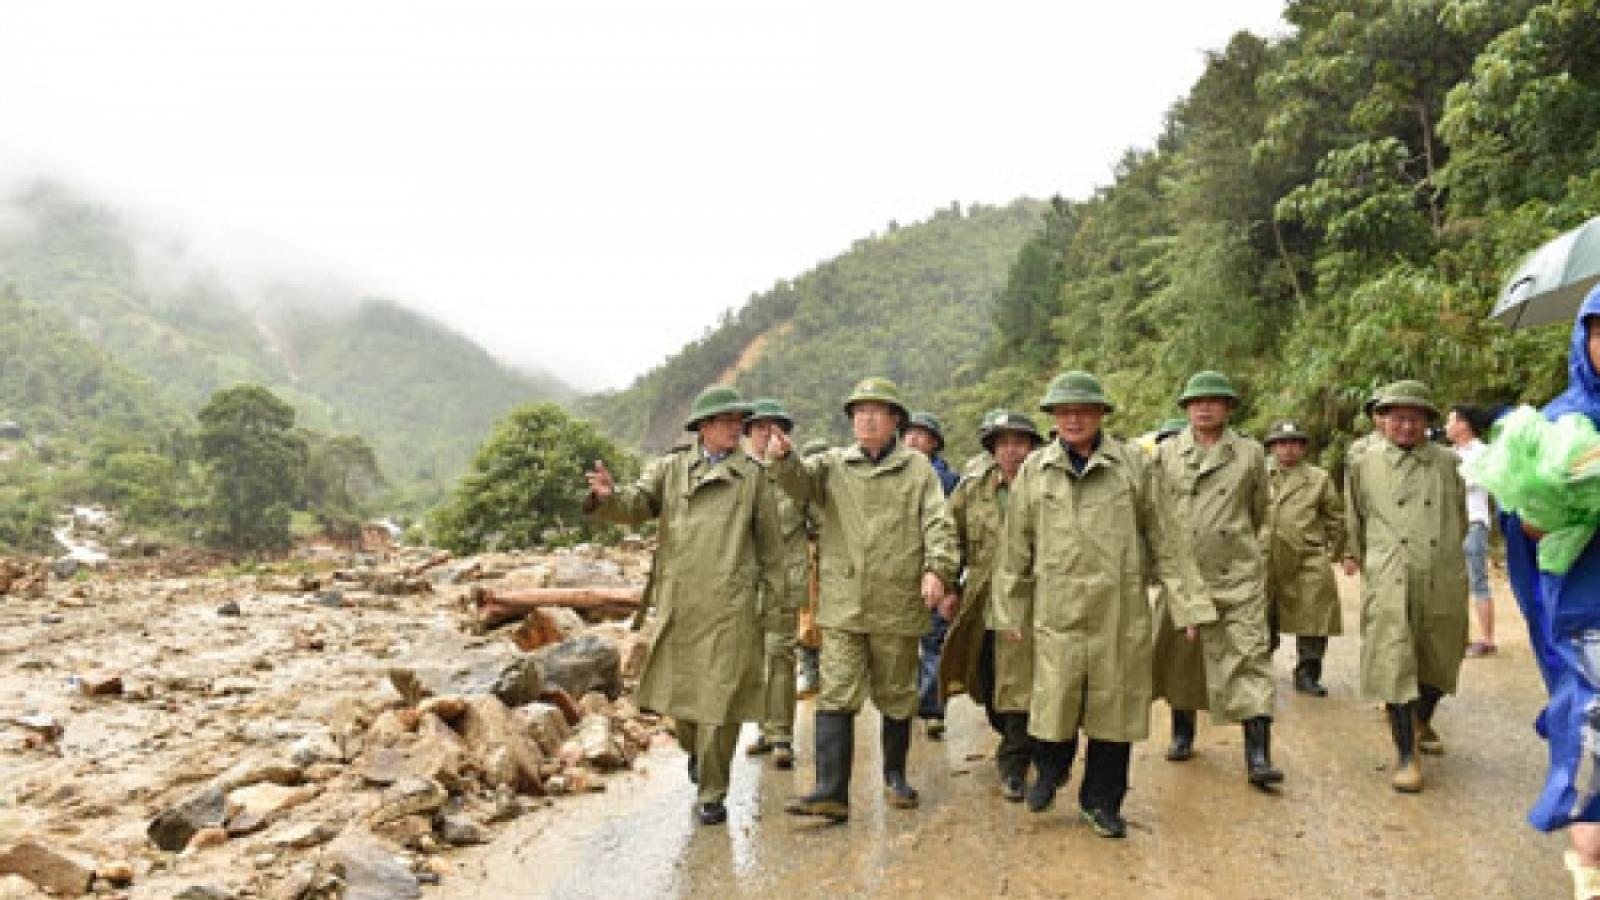 Phó Thủ tướng Trịnh Đình Dũng: An toàn hồ Kẻ gỗ là nhiệm vụ số 1